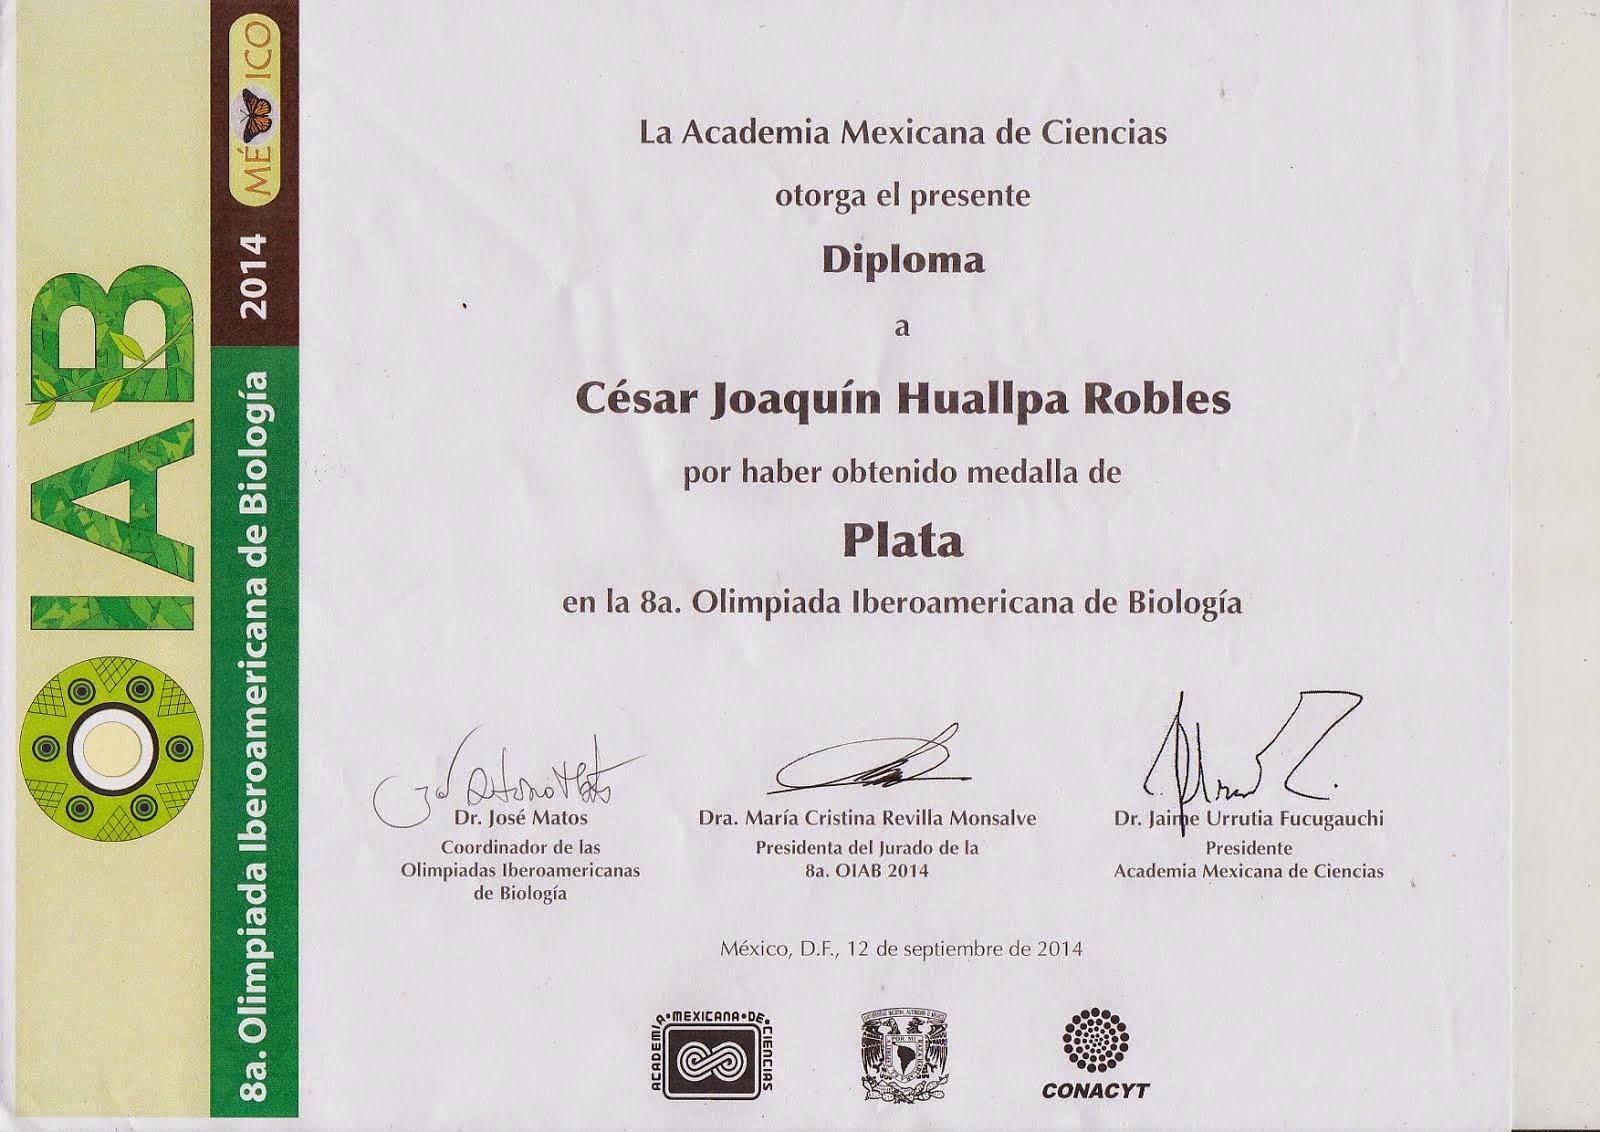 MEDALLA DE PLATA VIII OLIMPIADA IBEROAMERICANA DE BIOLOGÍA OIAB MEXICO 2014